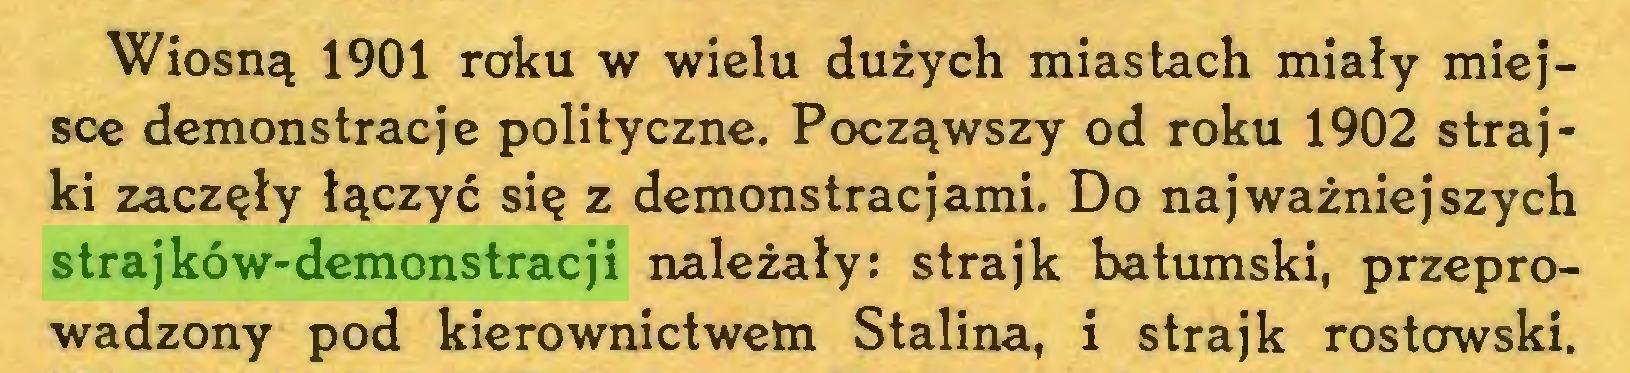 (...) Wiosną 1901 roku w wielu dużych miastach miały miejsce demonstracje polityczne. Począwszy od roku 1902 strajki zaczęły łączyć się z demonstracjami. Do najważniejszych strajków-demonstracji należały: strajk batumski, przeprowadzony pod kierownictwem Stalina, i strajk rostcrwski...